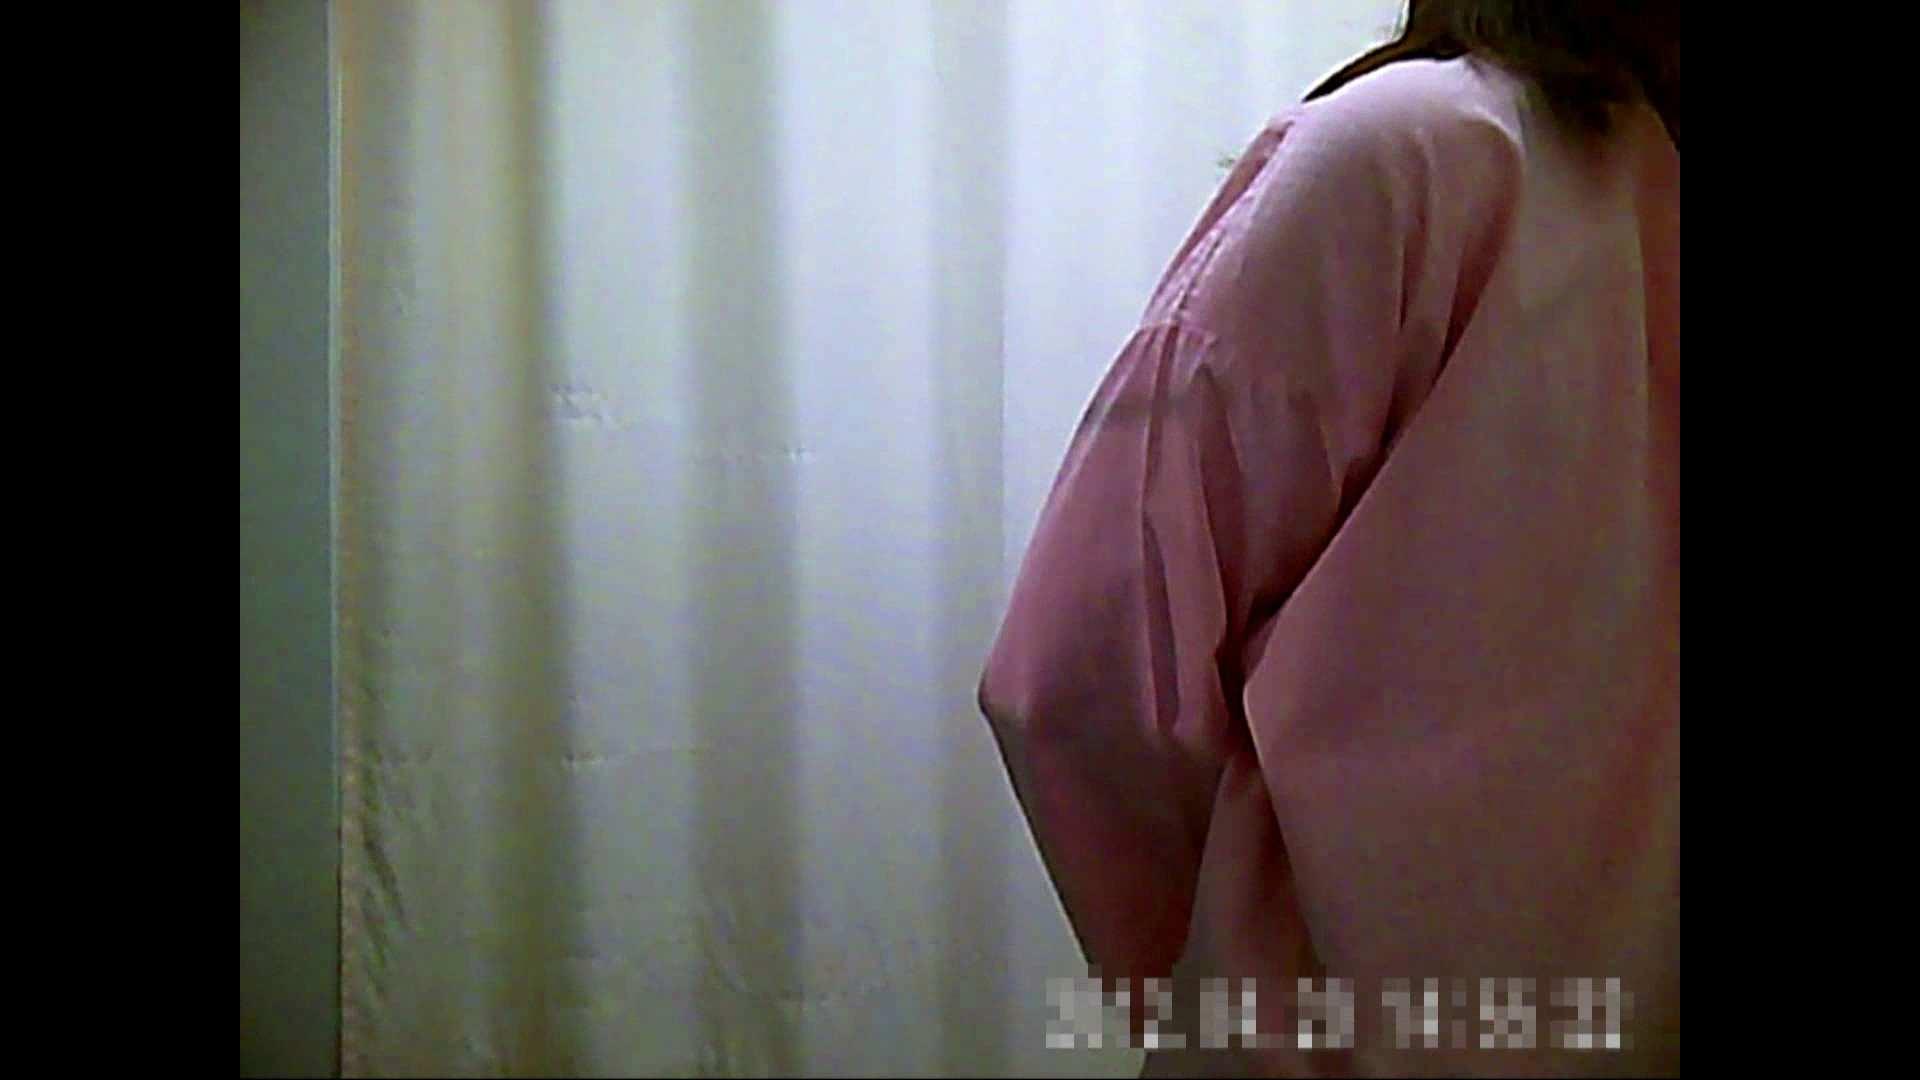 元医者による反抗 更衣室地獄絵巻 vol.013 盛合せ われめAV動画紹介 98画像 26